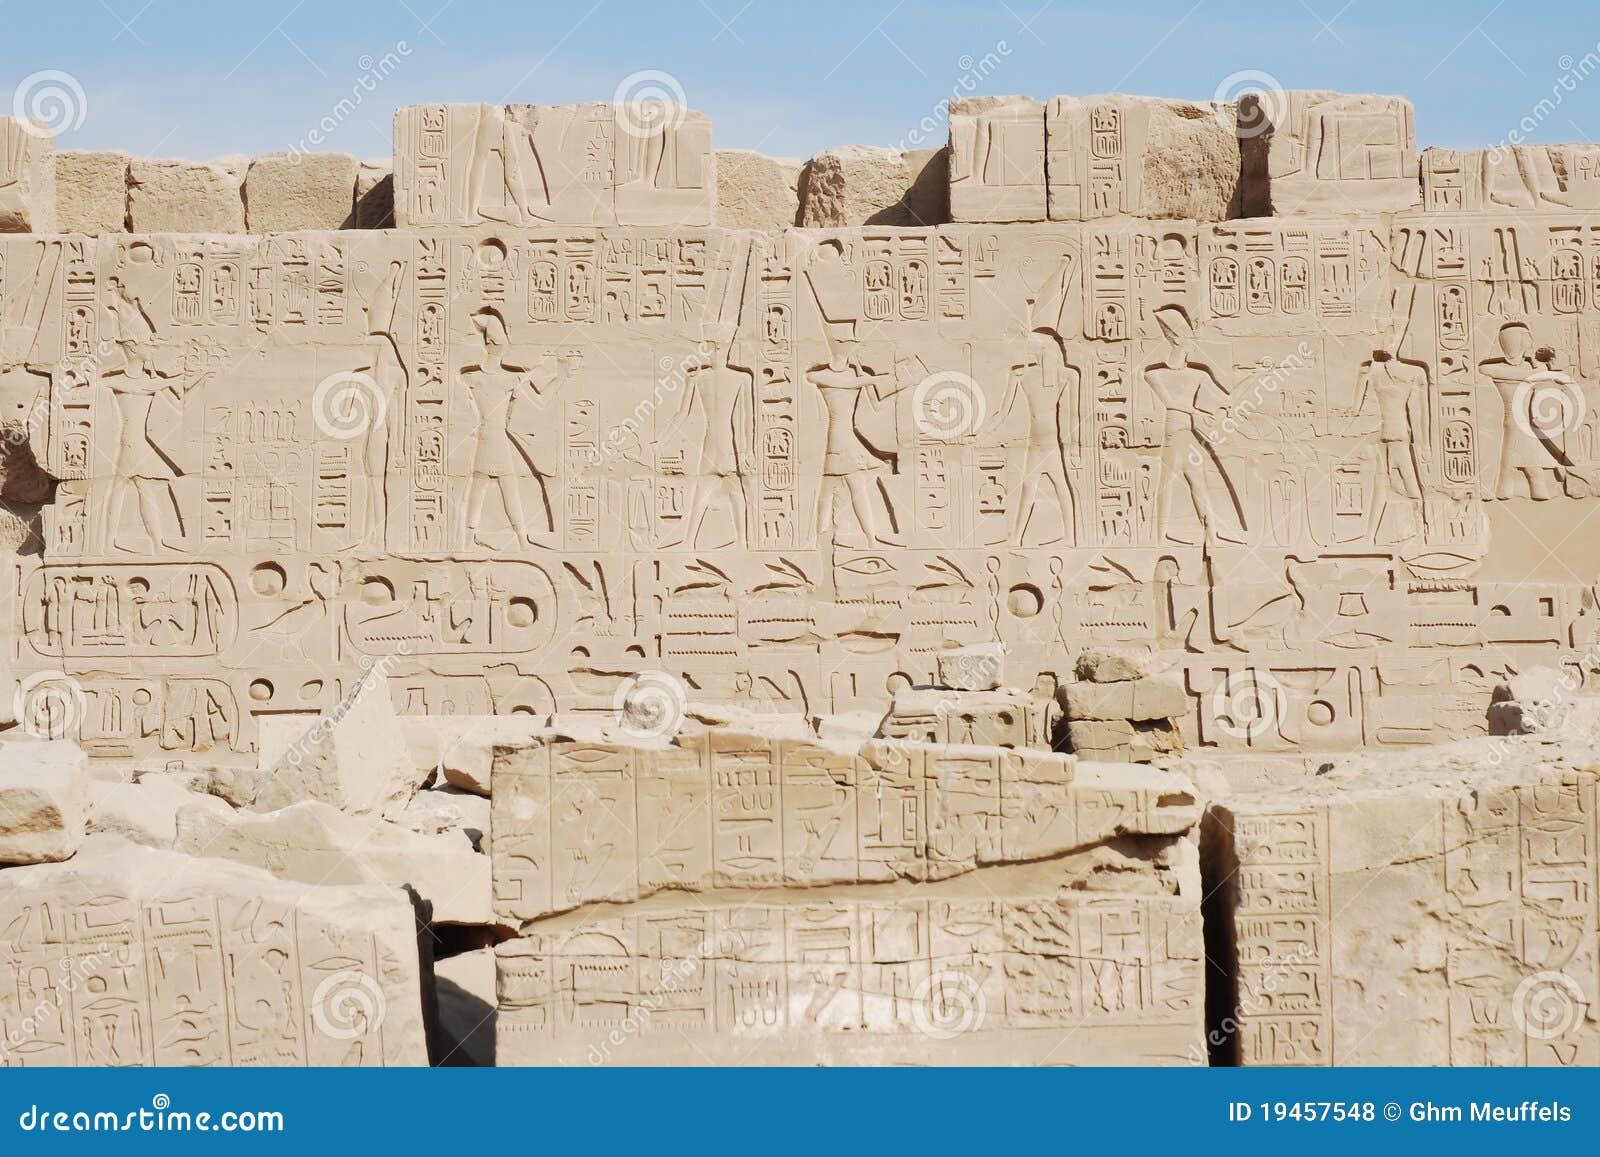 Hiërogliefen, Karnak Tempel, Luxor, Egypte